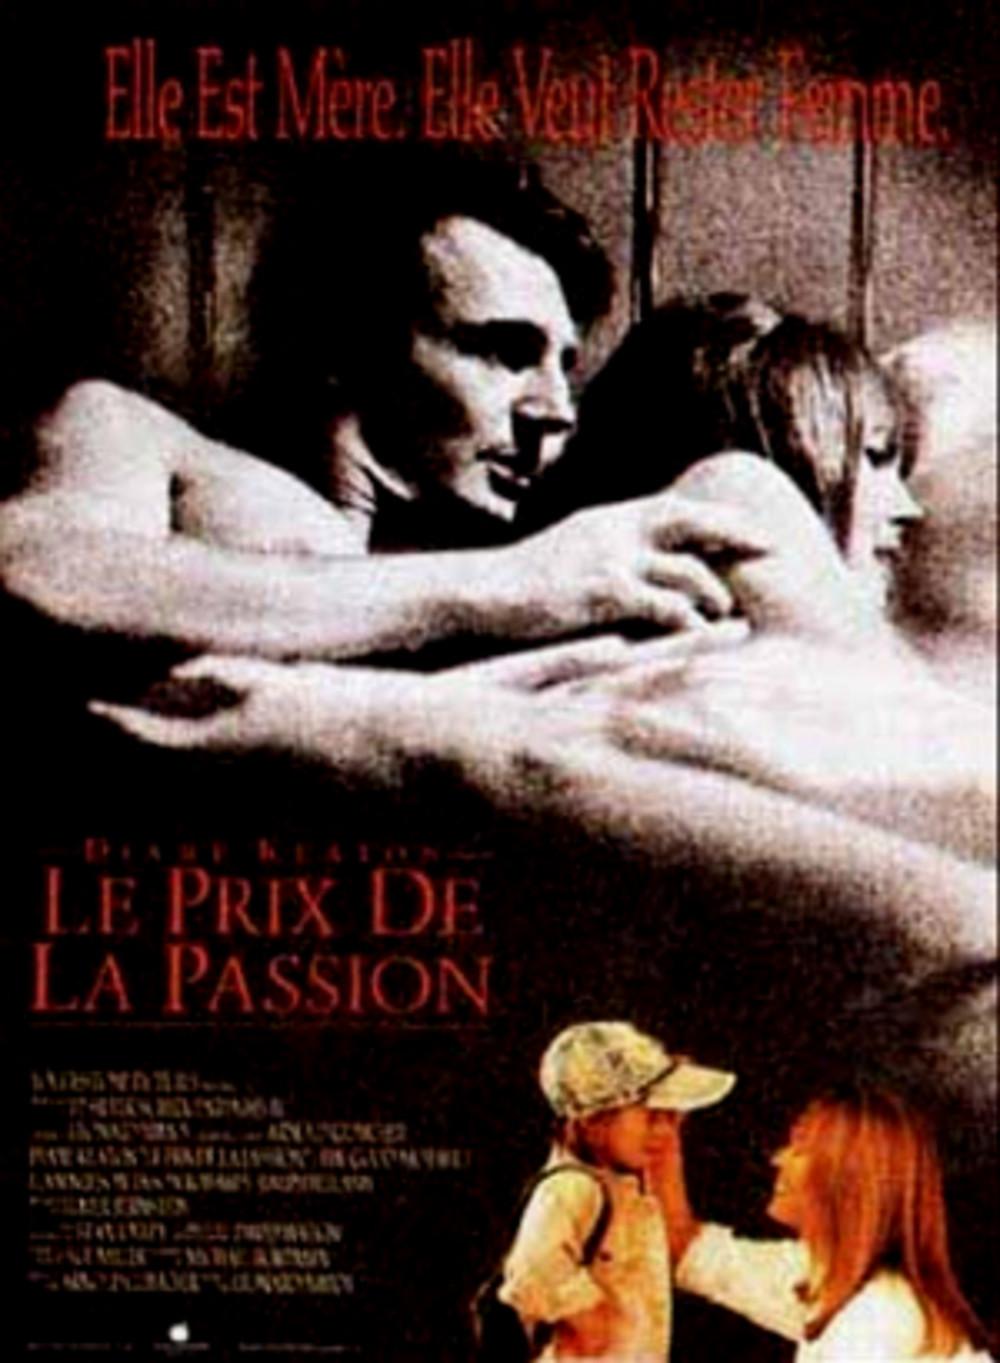 le prix de la passion affiche poster disney touchstone Pictures